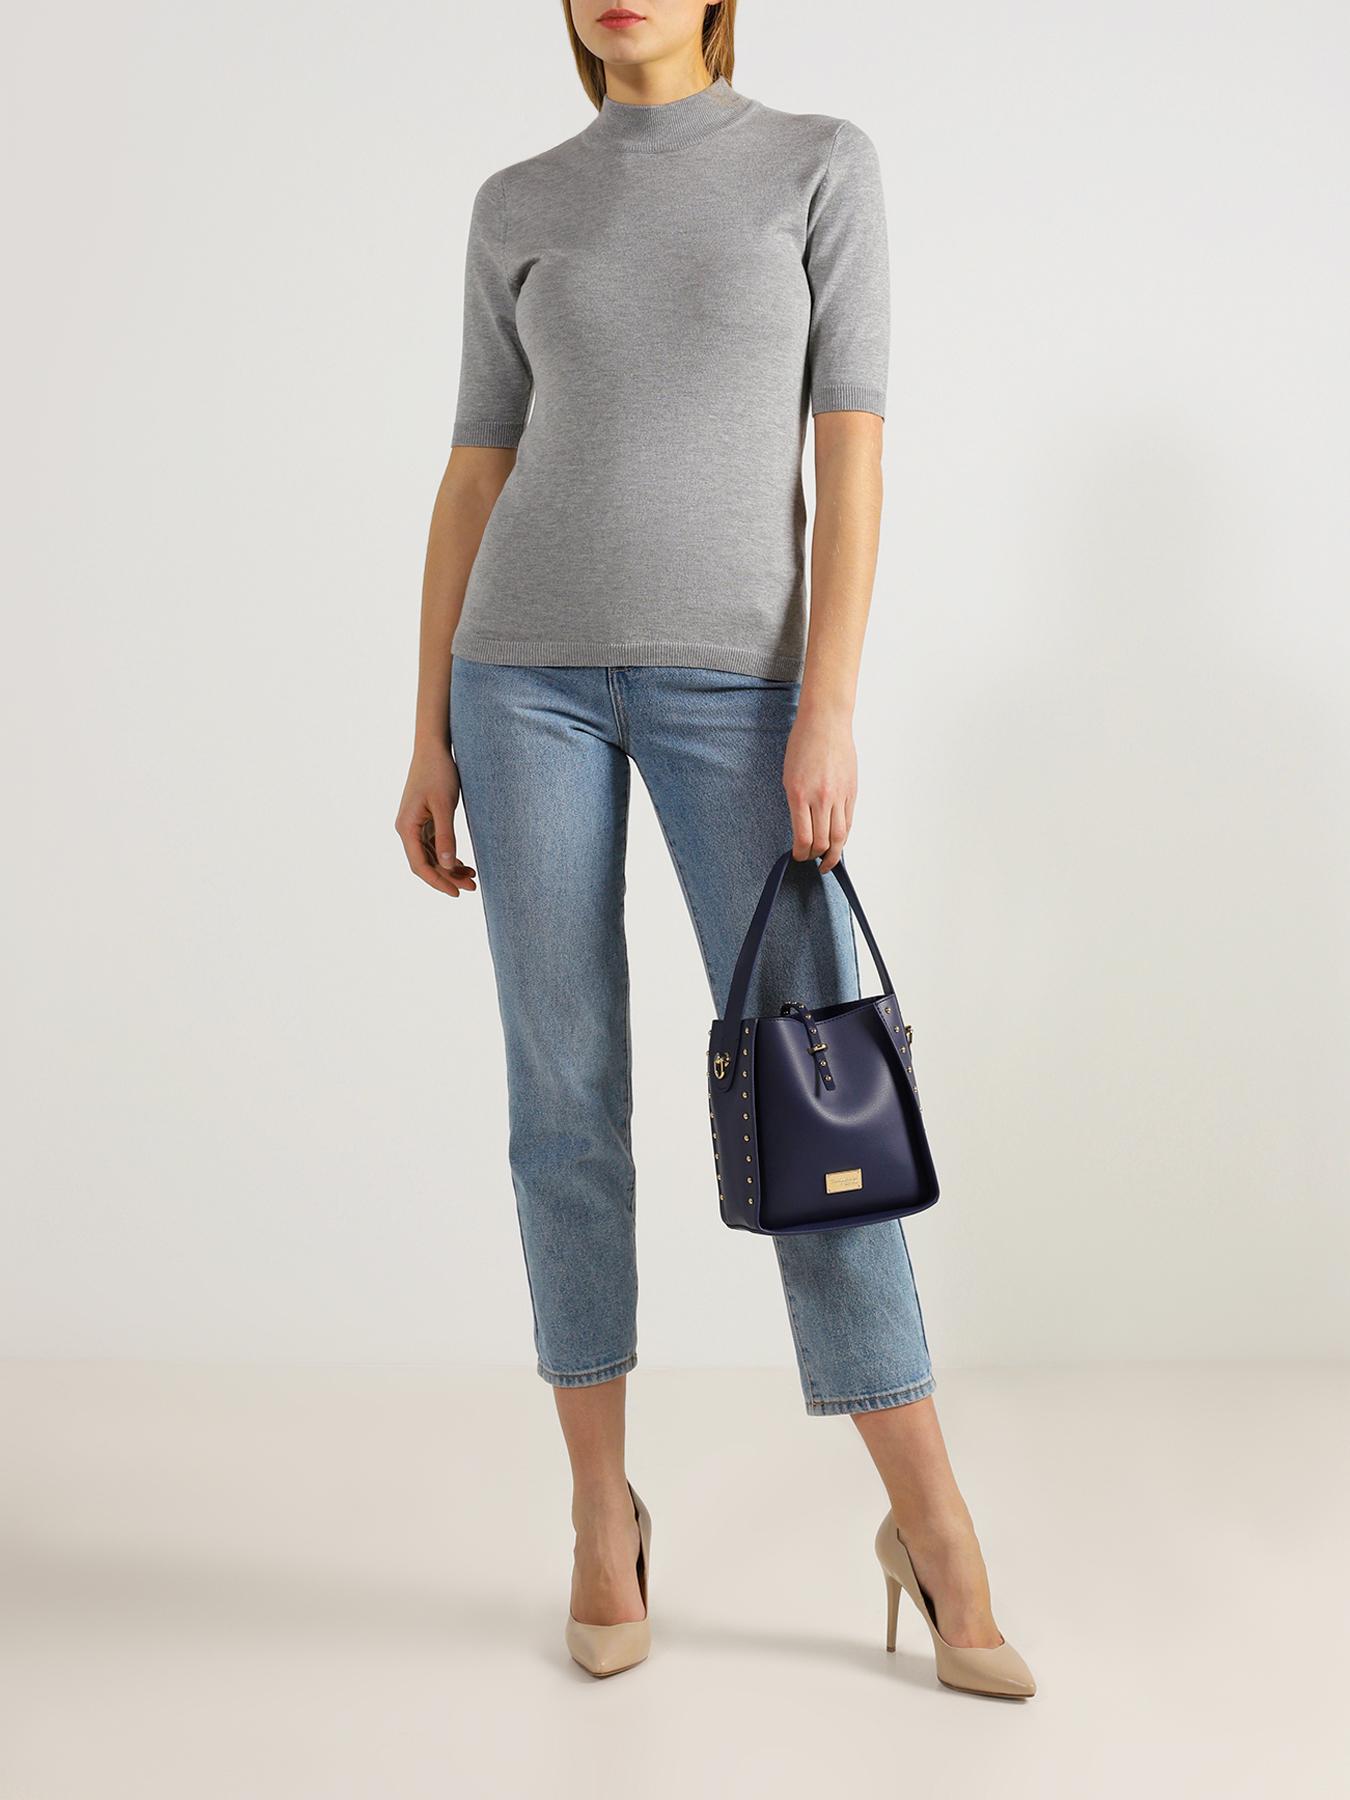 Trussardi Jeans Женская сумка 2 в 1 365205-185